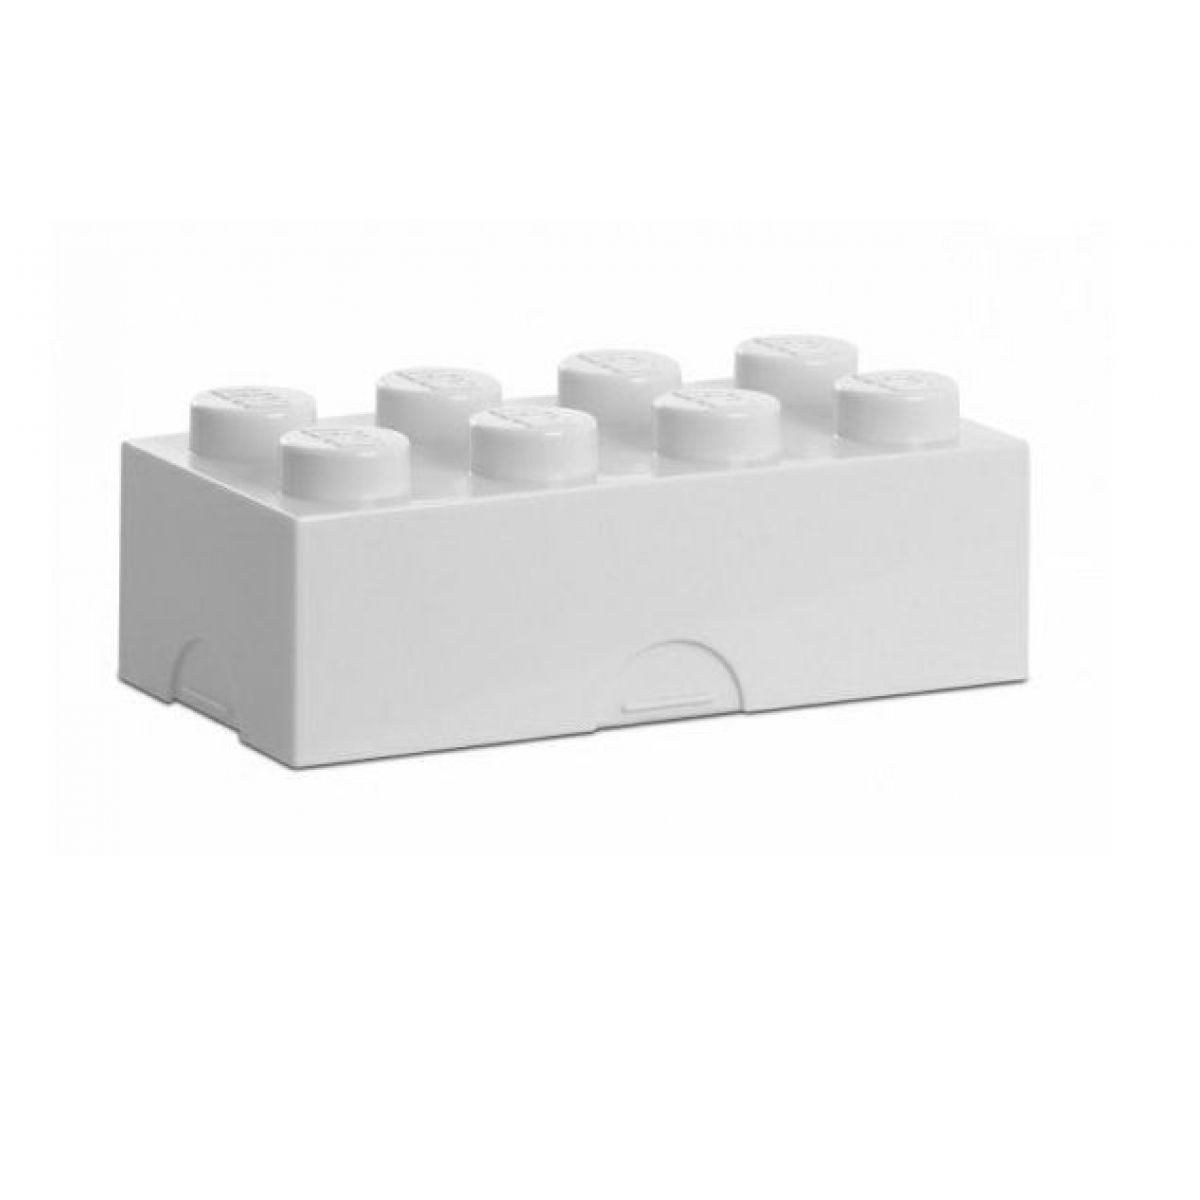 LEGO Úložný box 25 x 50 x 18 cm Bílá